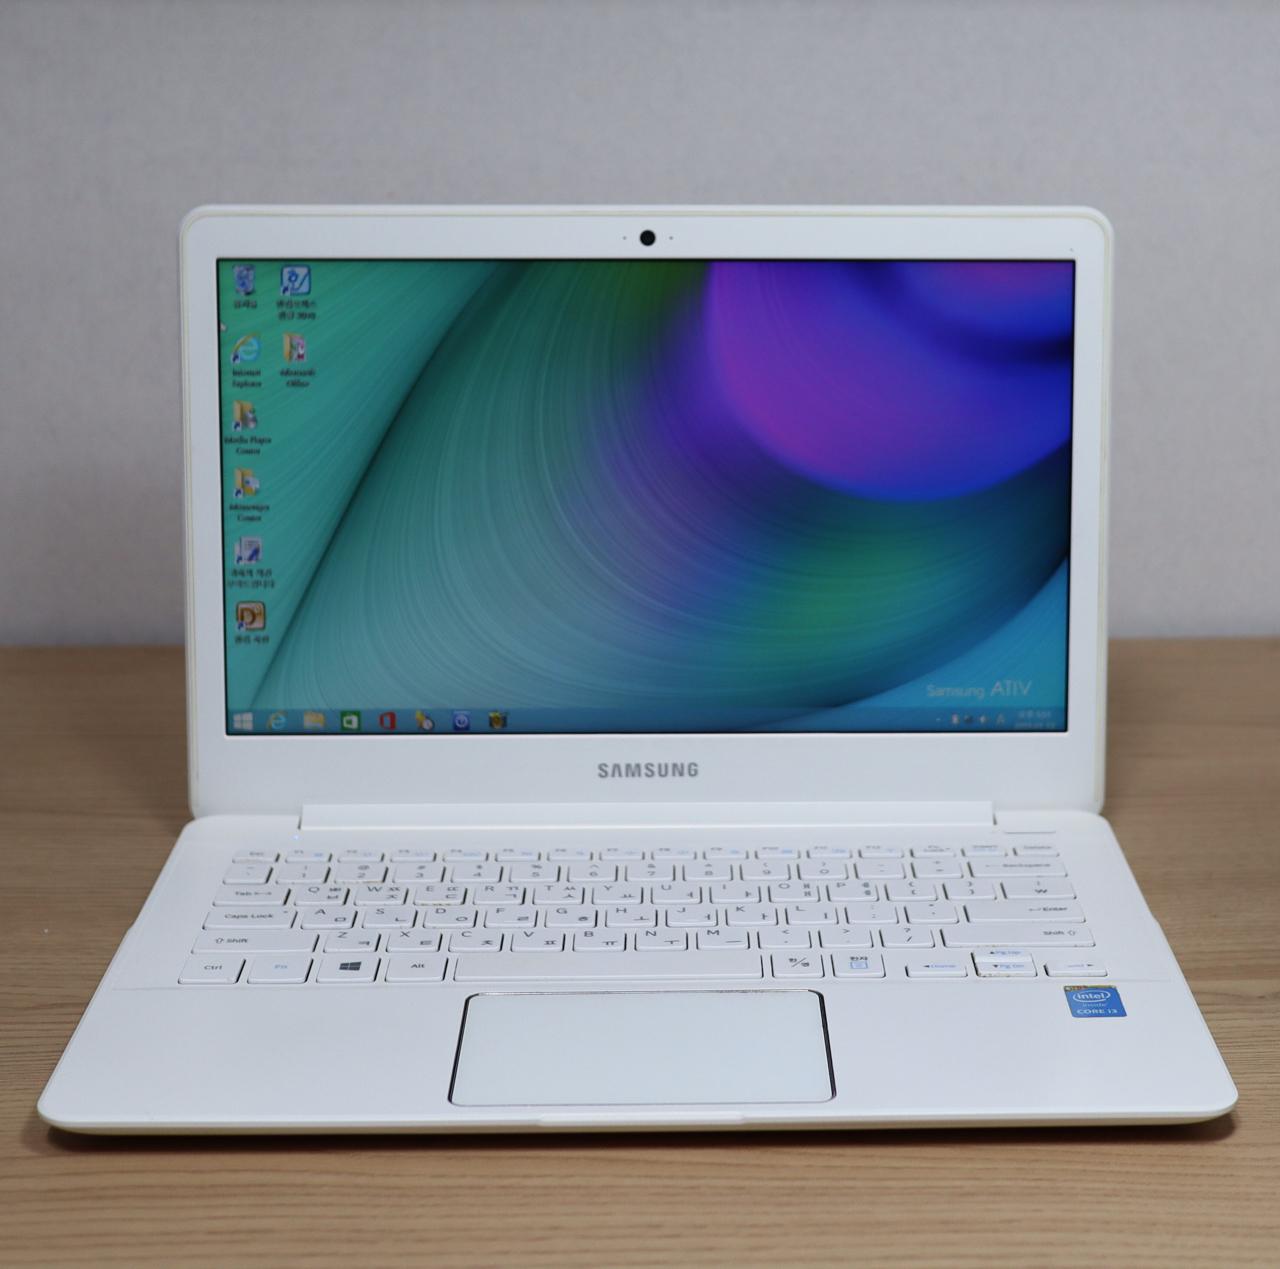 [상태 A급] 삼성 노트북9 Lite NT910S3K-K38W